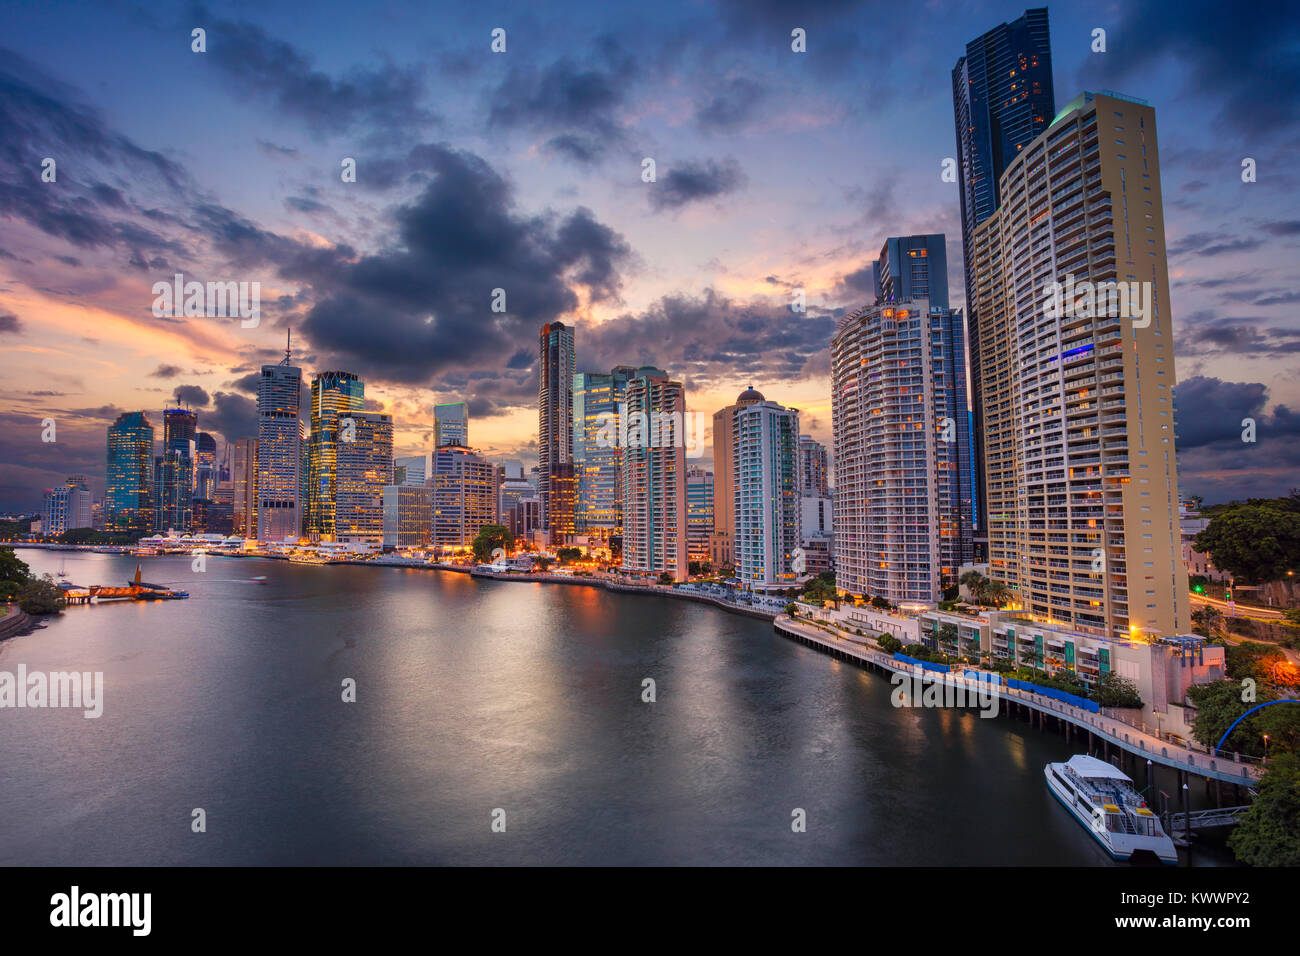 Brisbane. Cityscape image de Brisbane, Australie au cours de l'horizon le coucher du soleil spectaculaire. Banque D'Images